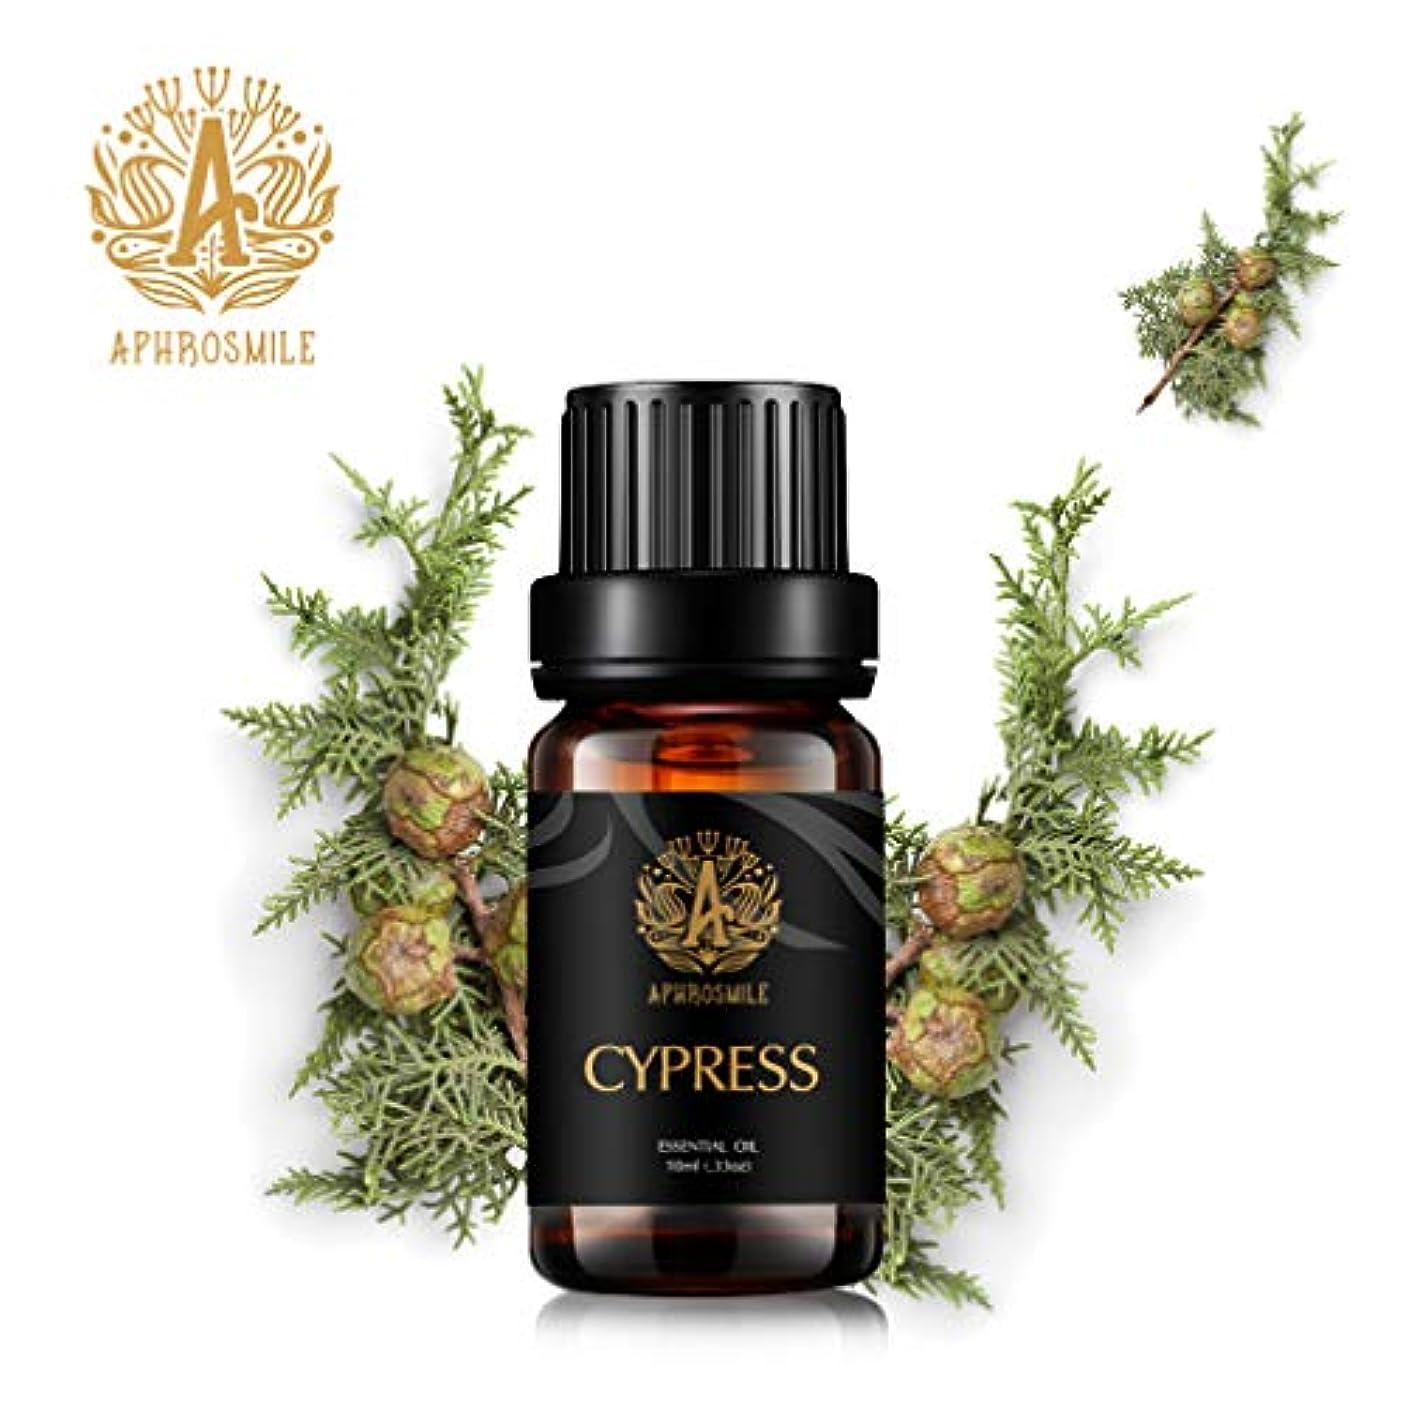 尋ねる救急車着るアロマセラピーサイプレスエッセンシャルオイル、100%ピュアサイプレスエッセンシャルオイルの香り、治療グレードサイプレスエッセンシャルオイルの香り、ディフューザー加湿器マッサージ用0.33oz-10ml